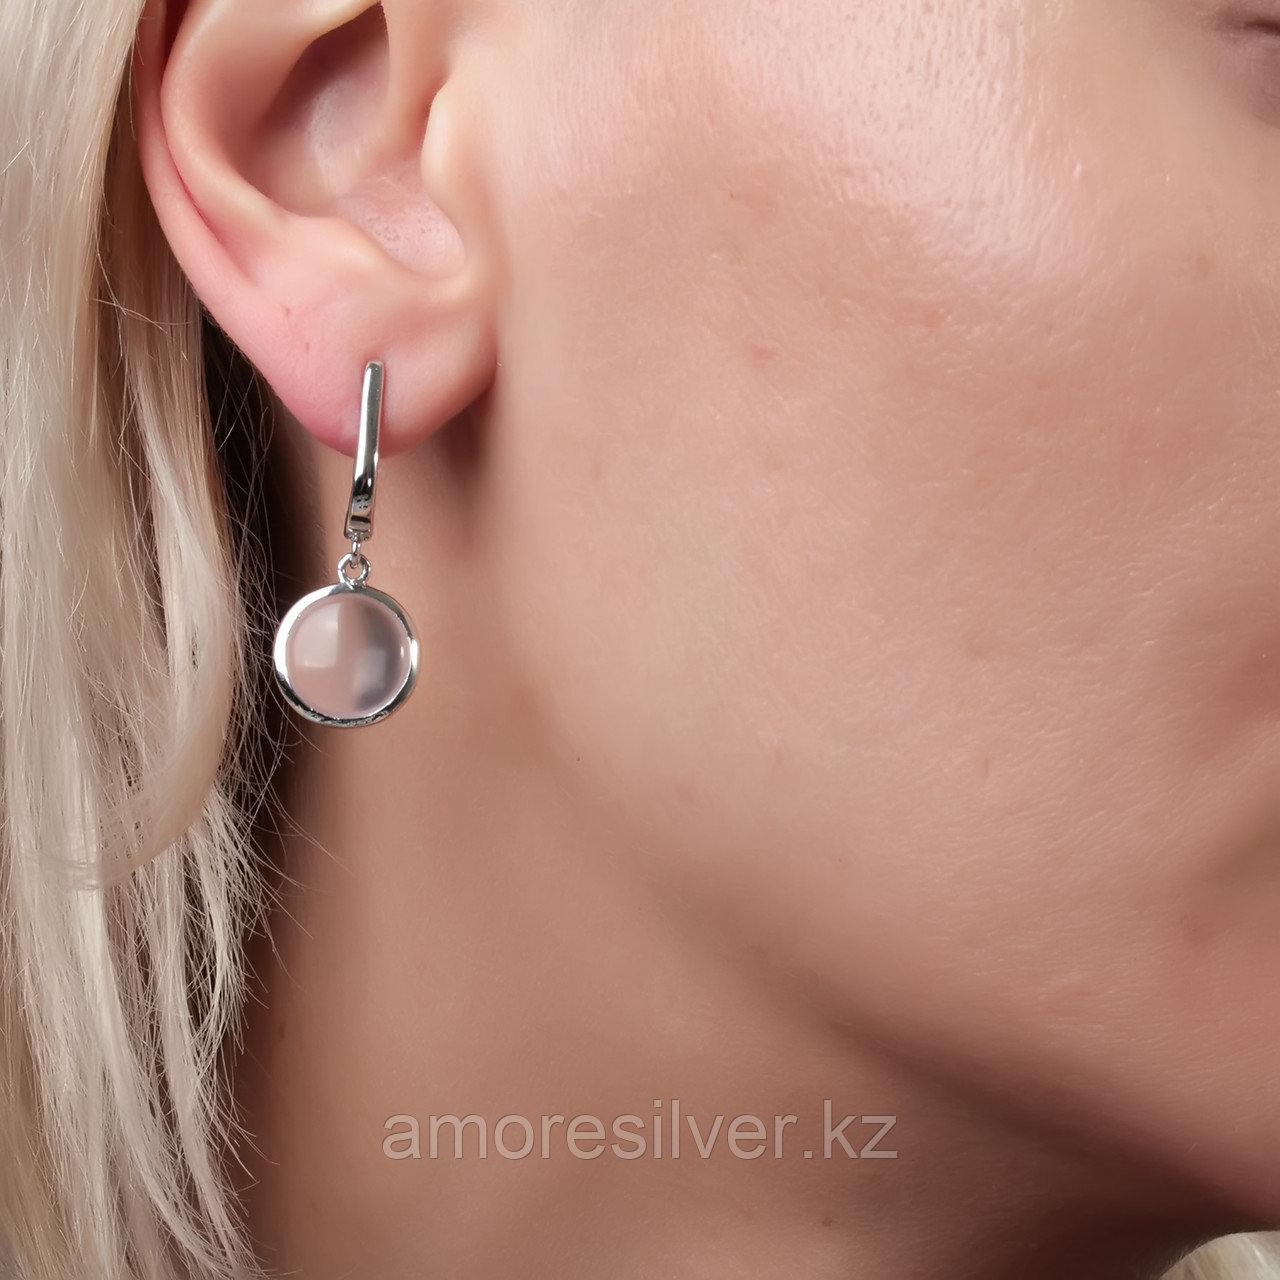 Серьги Teo Santini серебро с родием, кварц розовый, круг SE1081 - фото 2